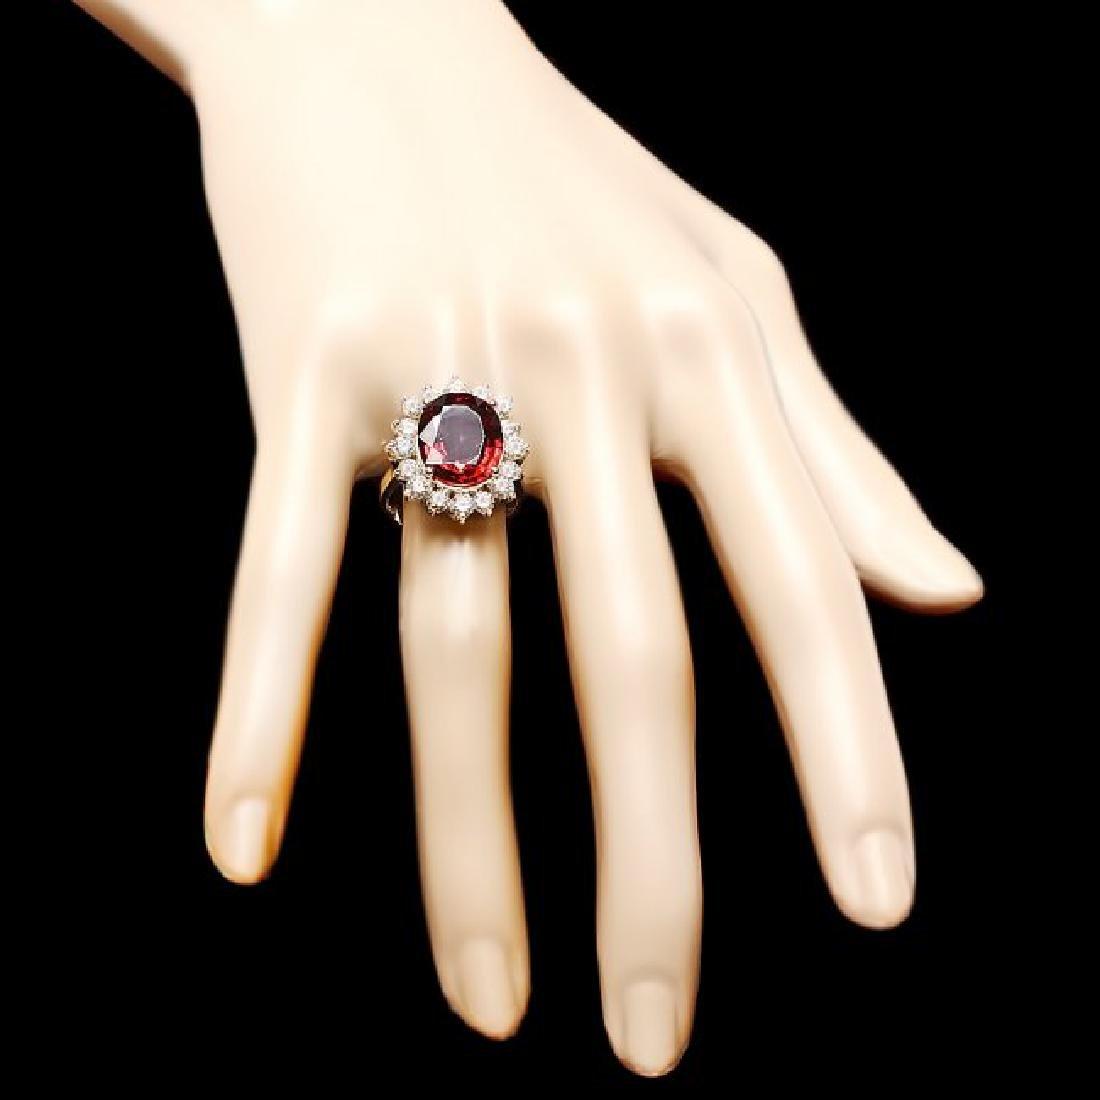 14k Yellow Gold 7.00ct Zircon 1.60ct Diamond Ring - 4